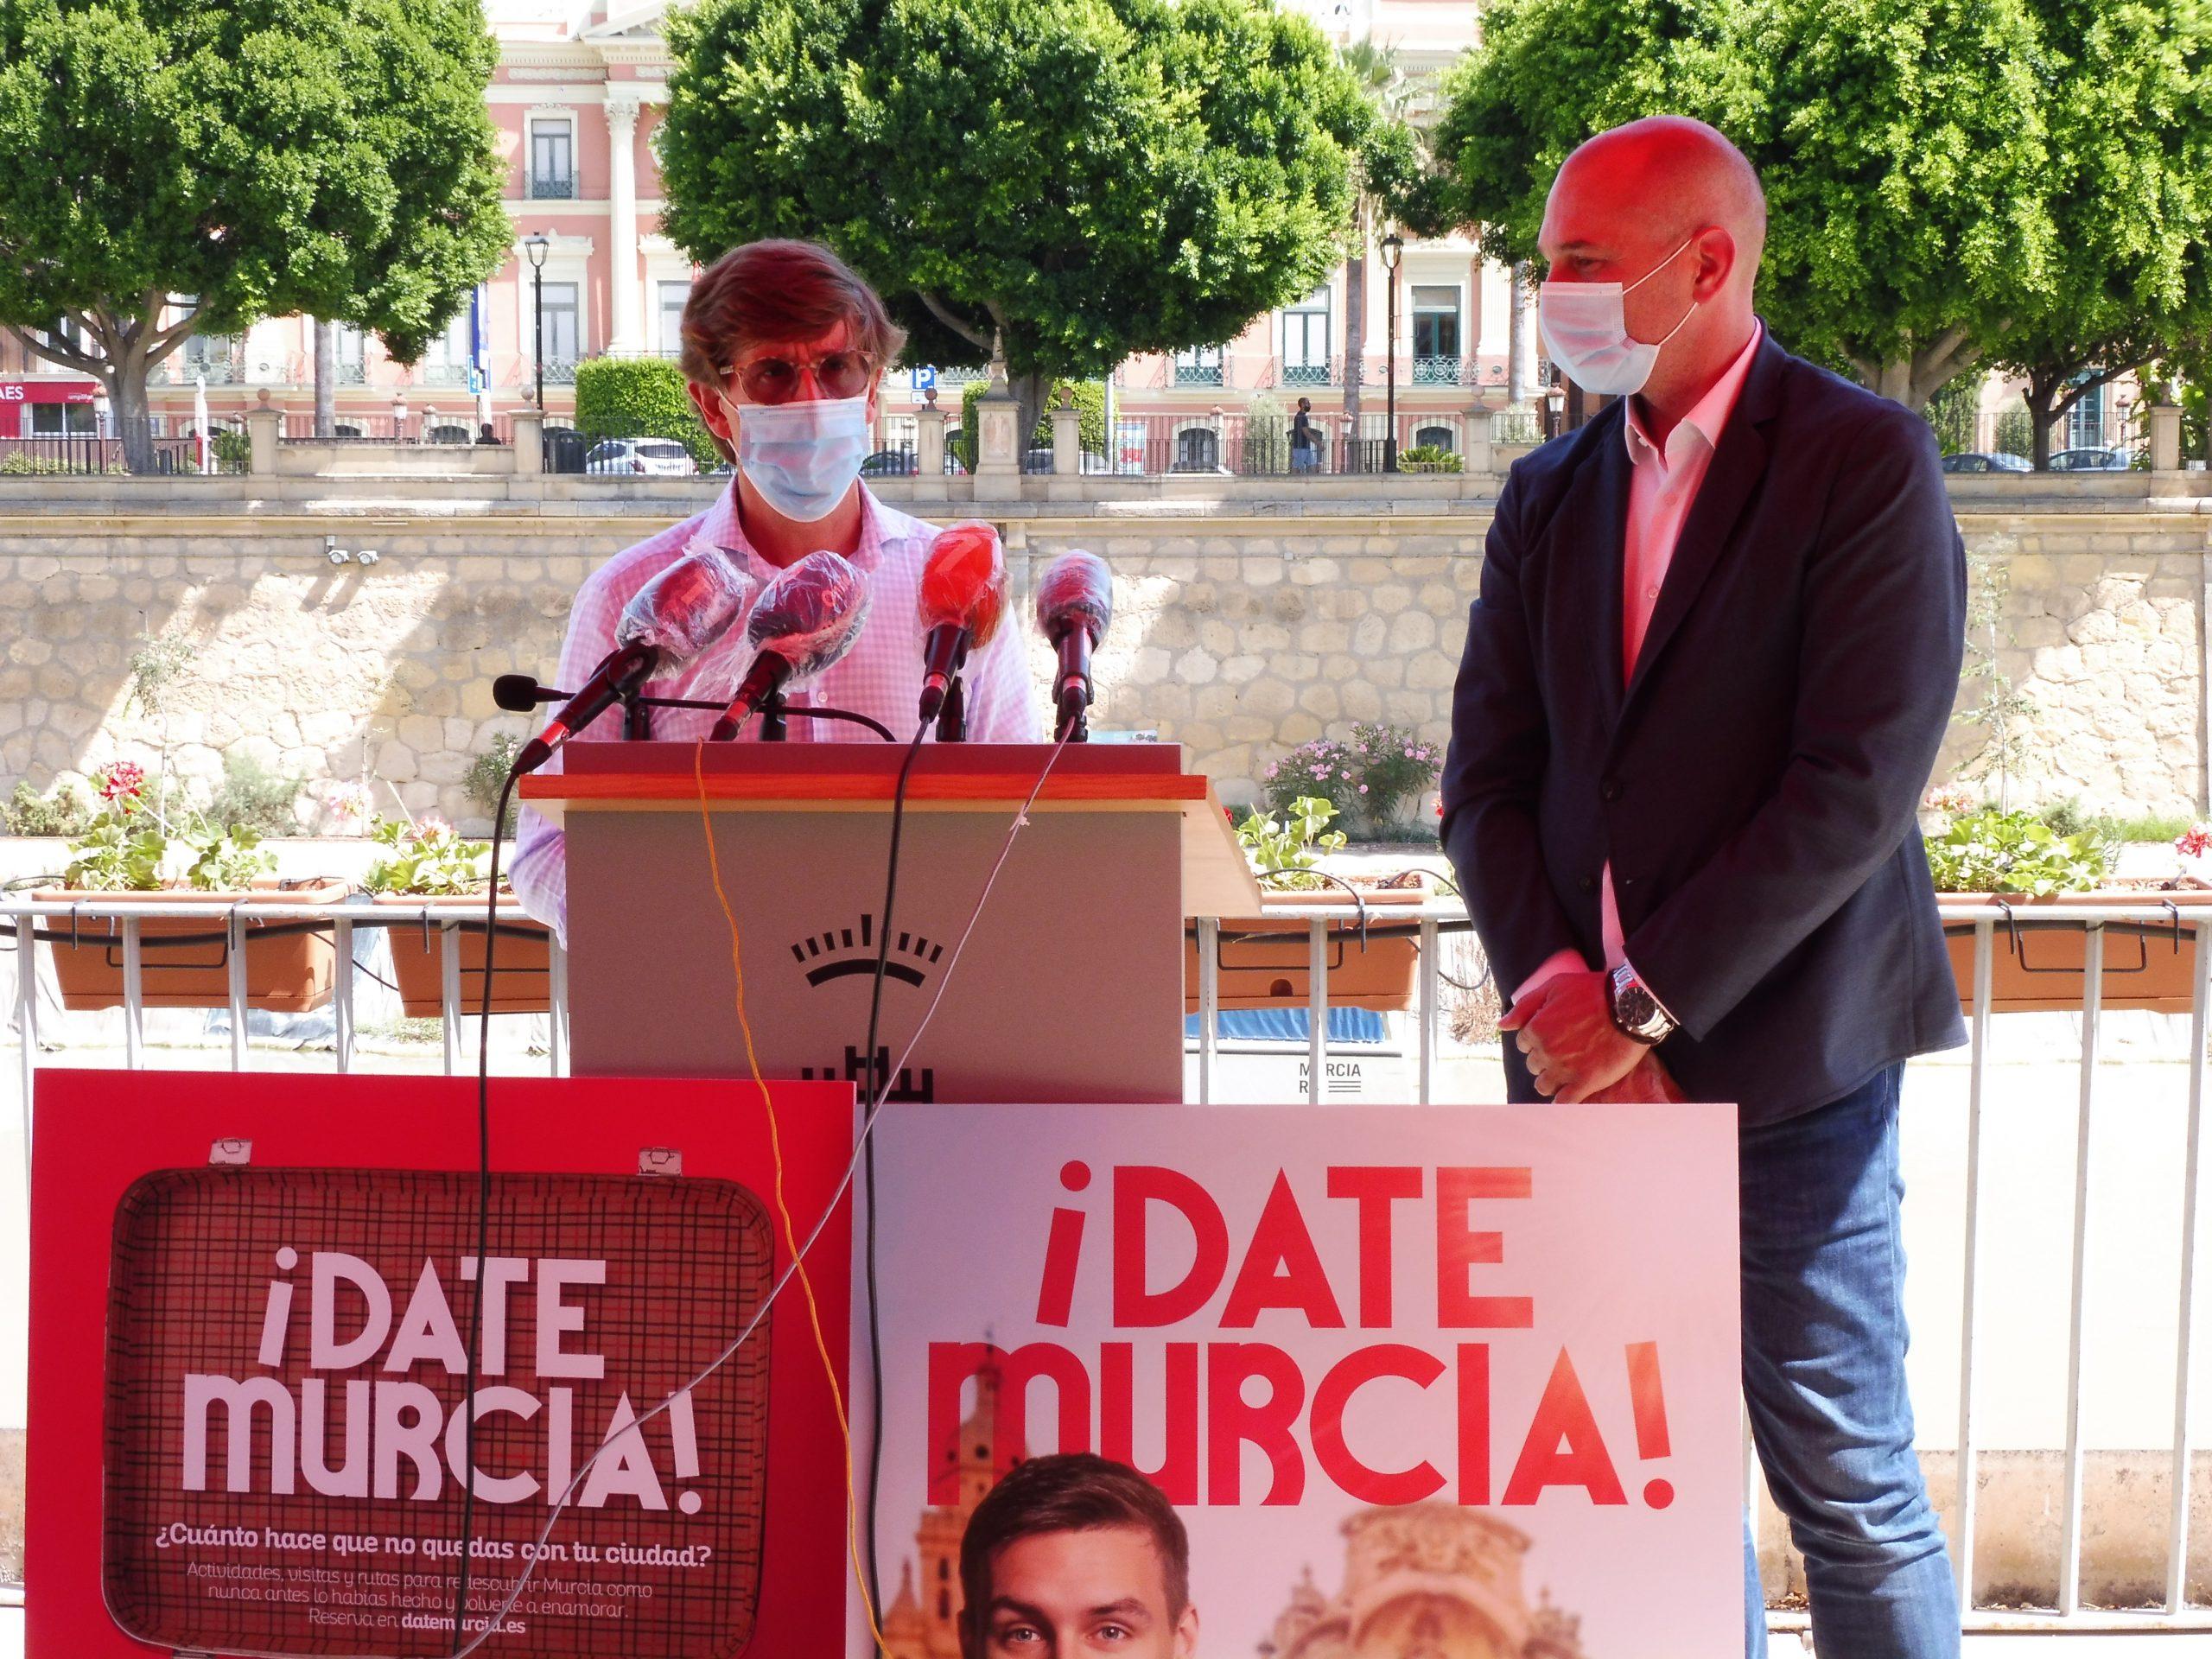 Date Murcia